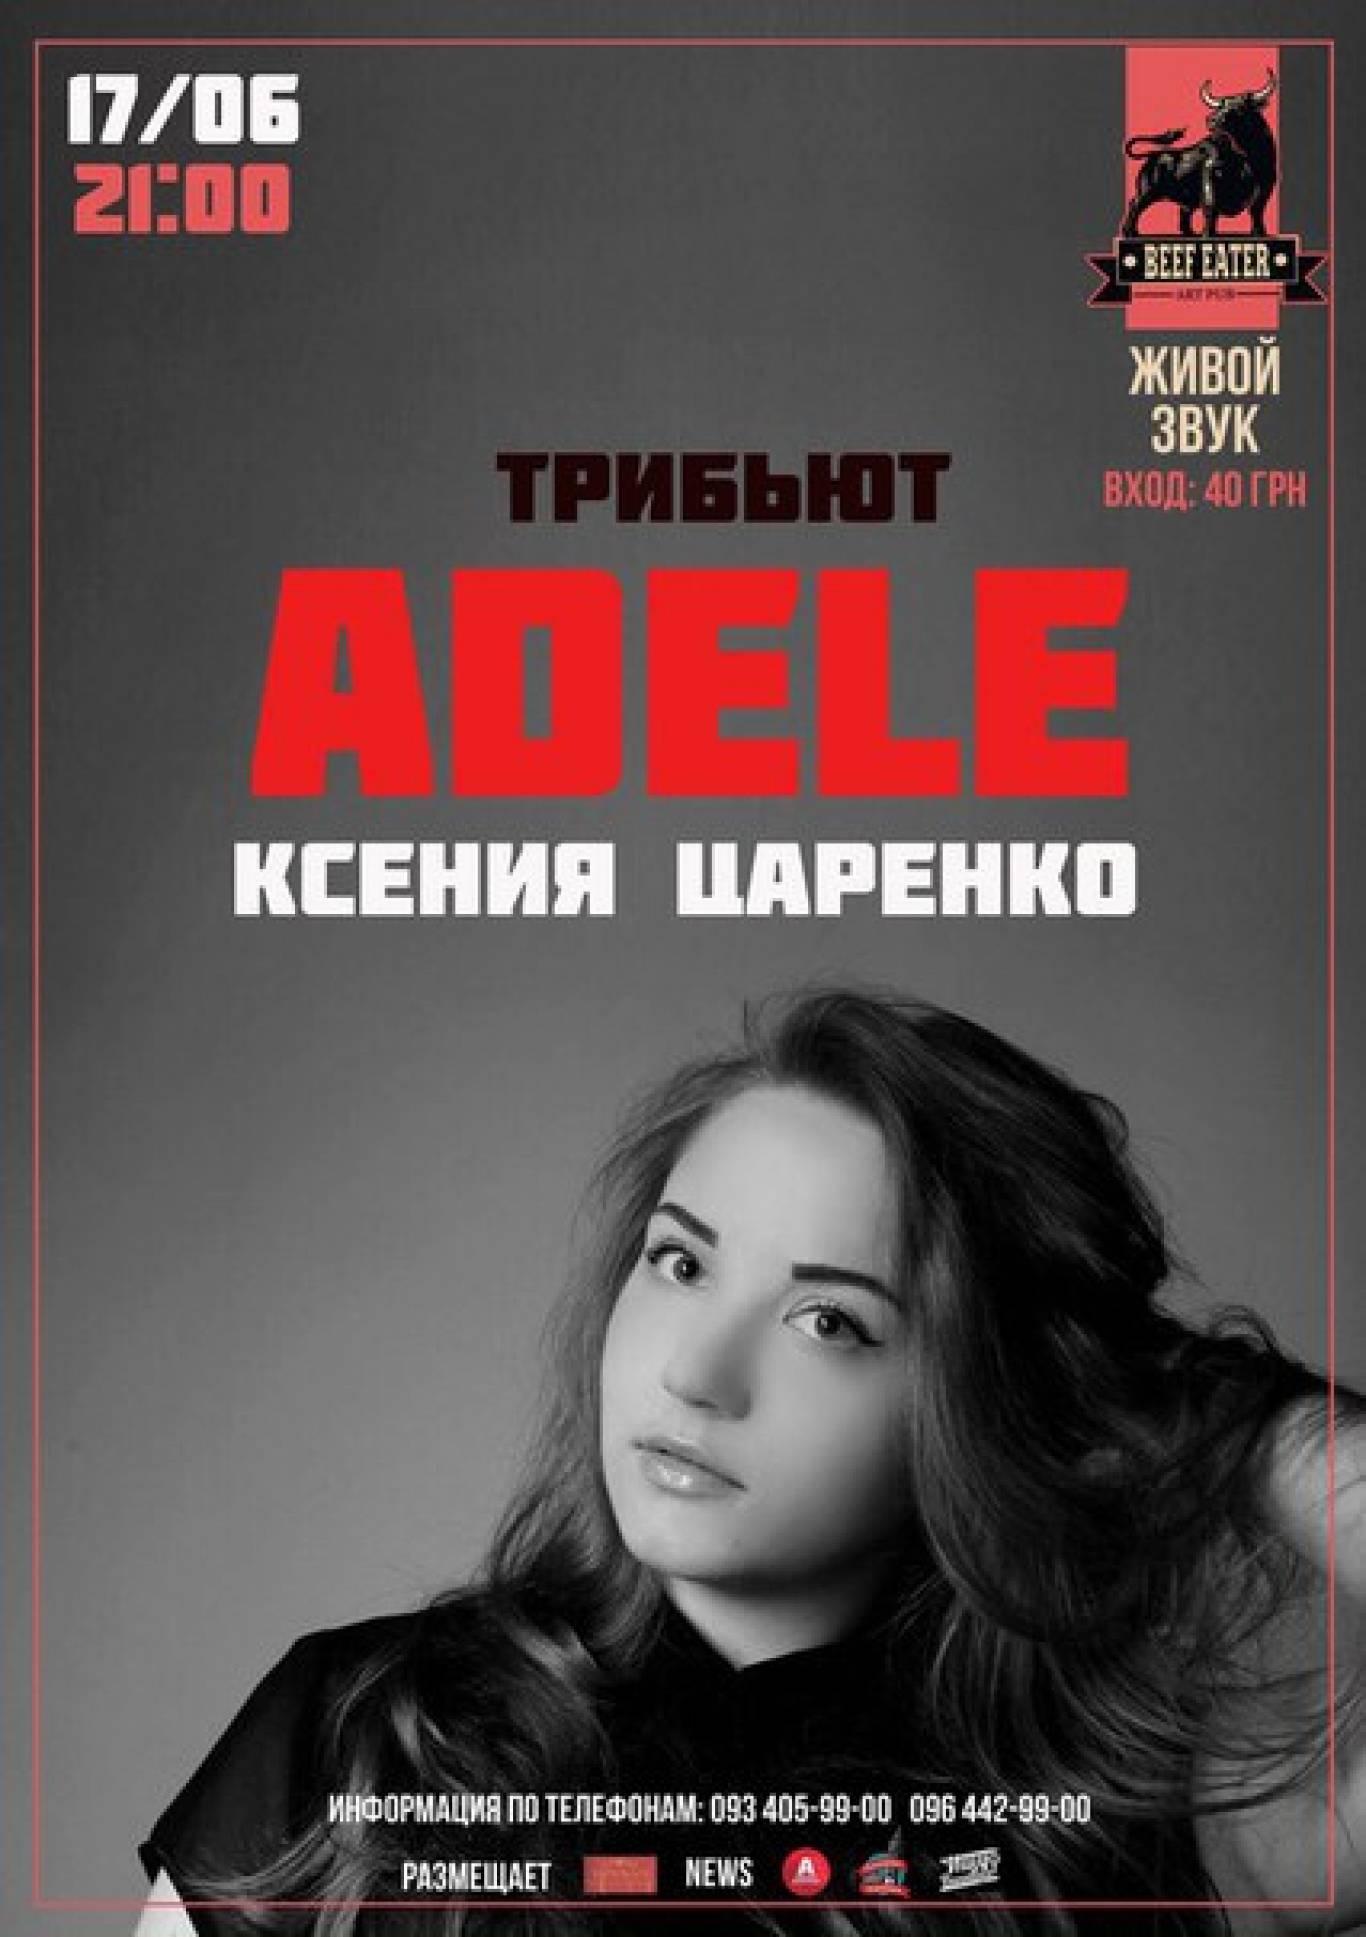 Концерт Ксенії Царенко  з трибьютом Adele